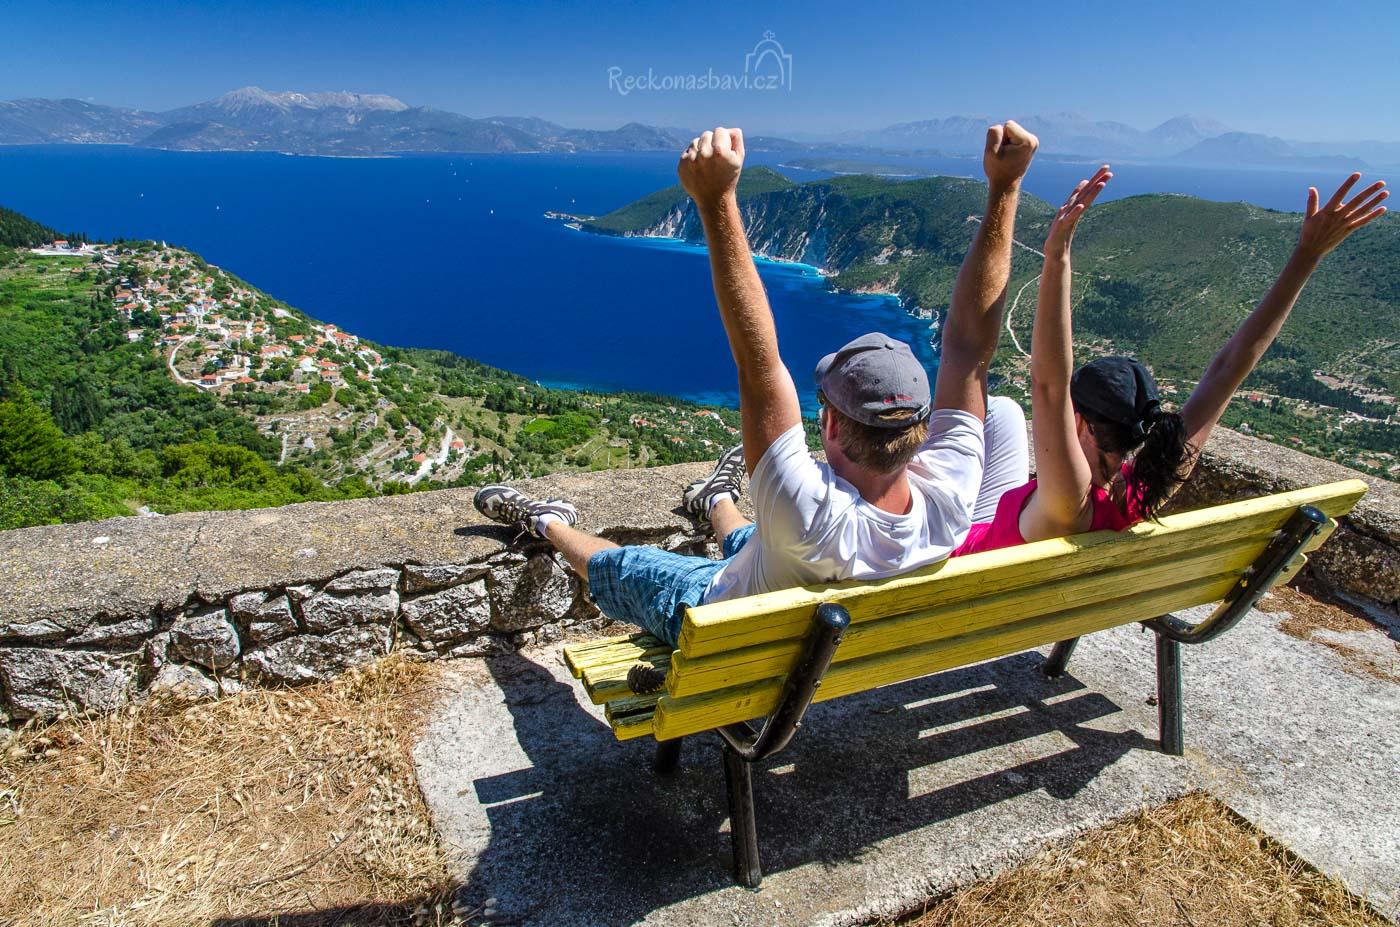 Dejte si na lavičce třeba pusu a udělejte fotku na památku. Nebo dělejte si co chcete, jste tu nyní sami a jste úplně svobodní …